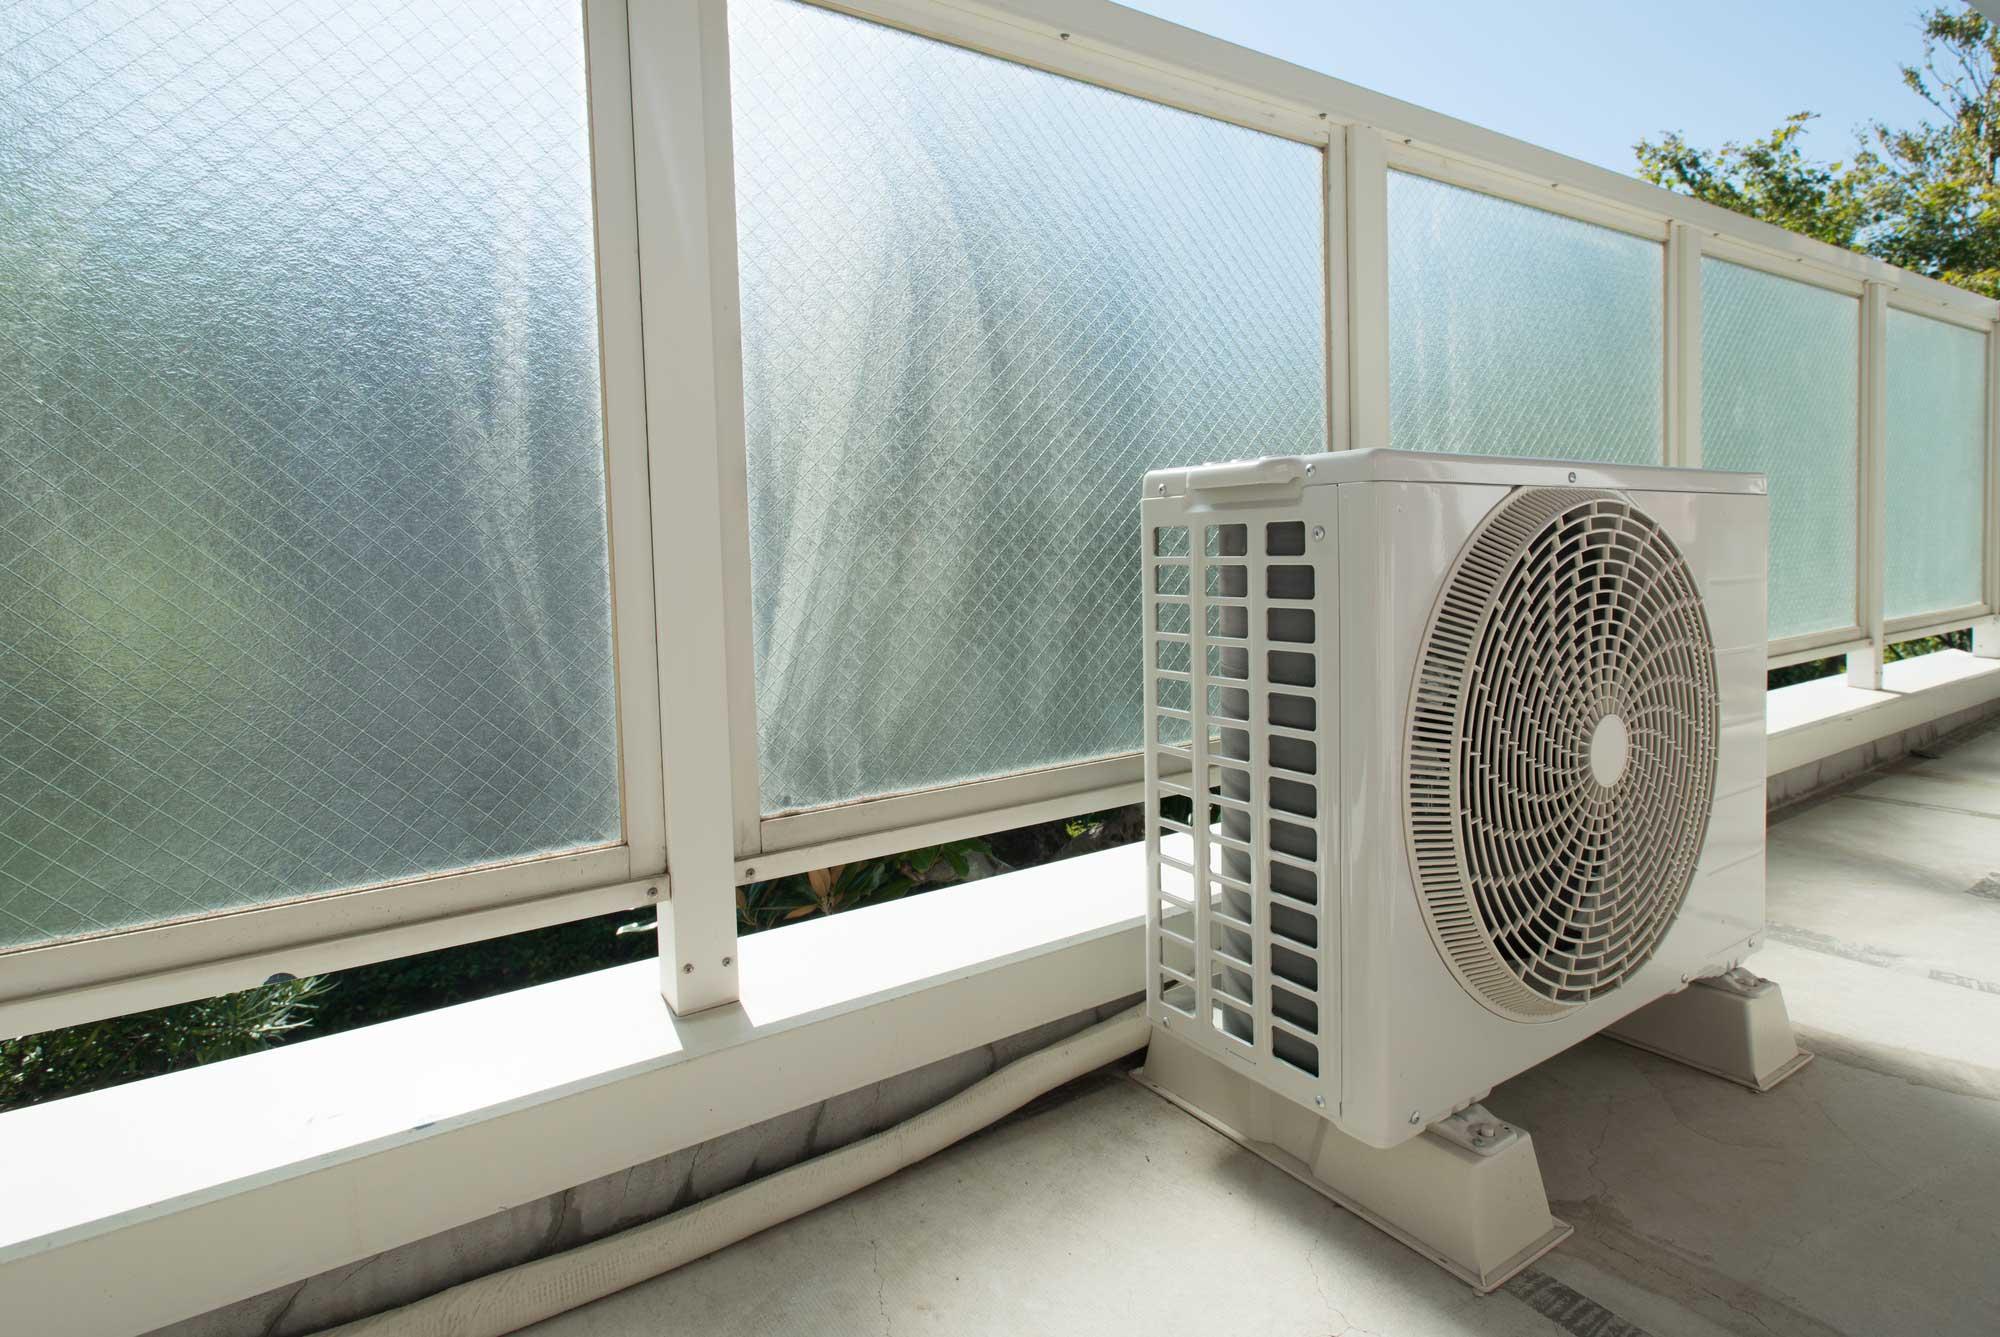 エアコン室外機を掃除する方法!簡単5ステップで …